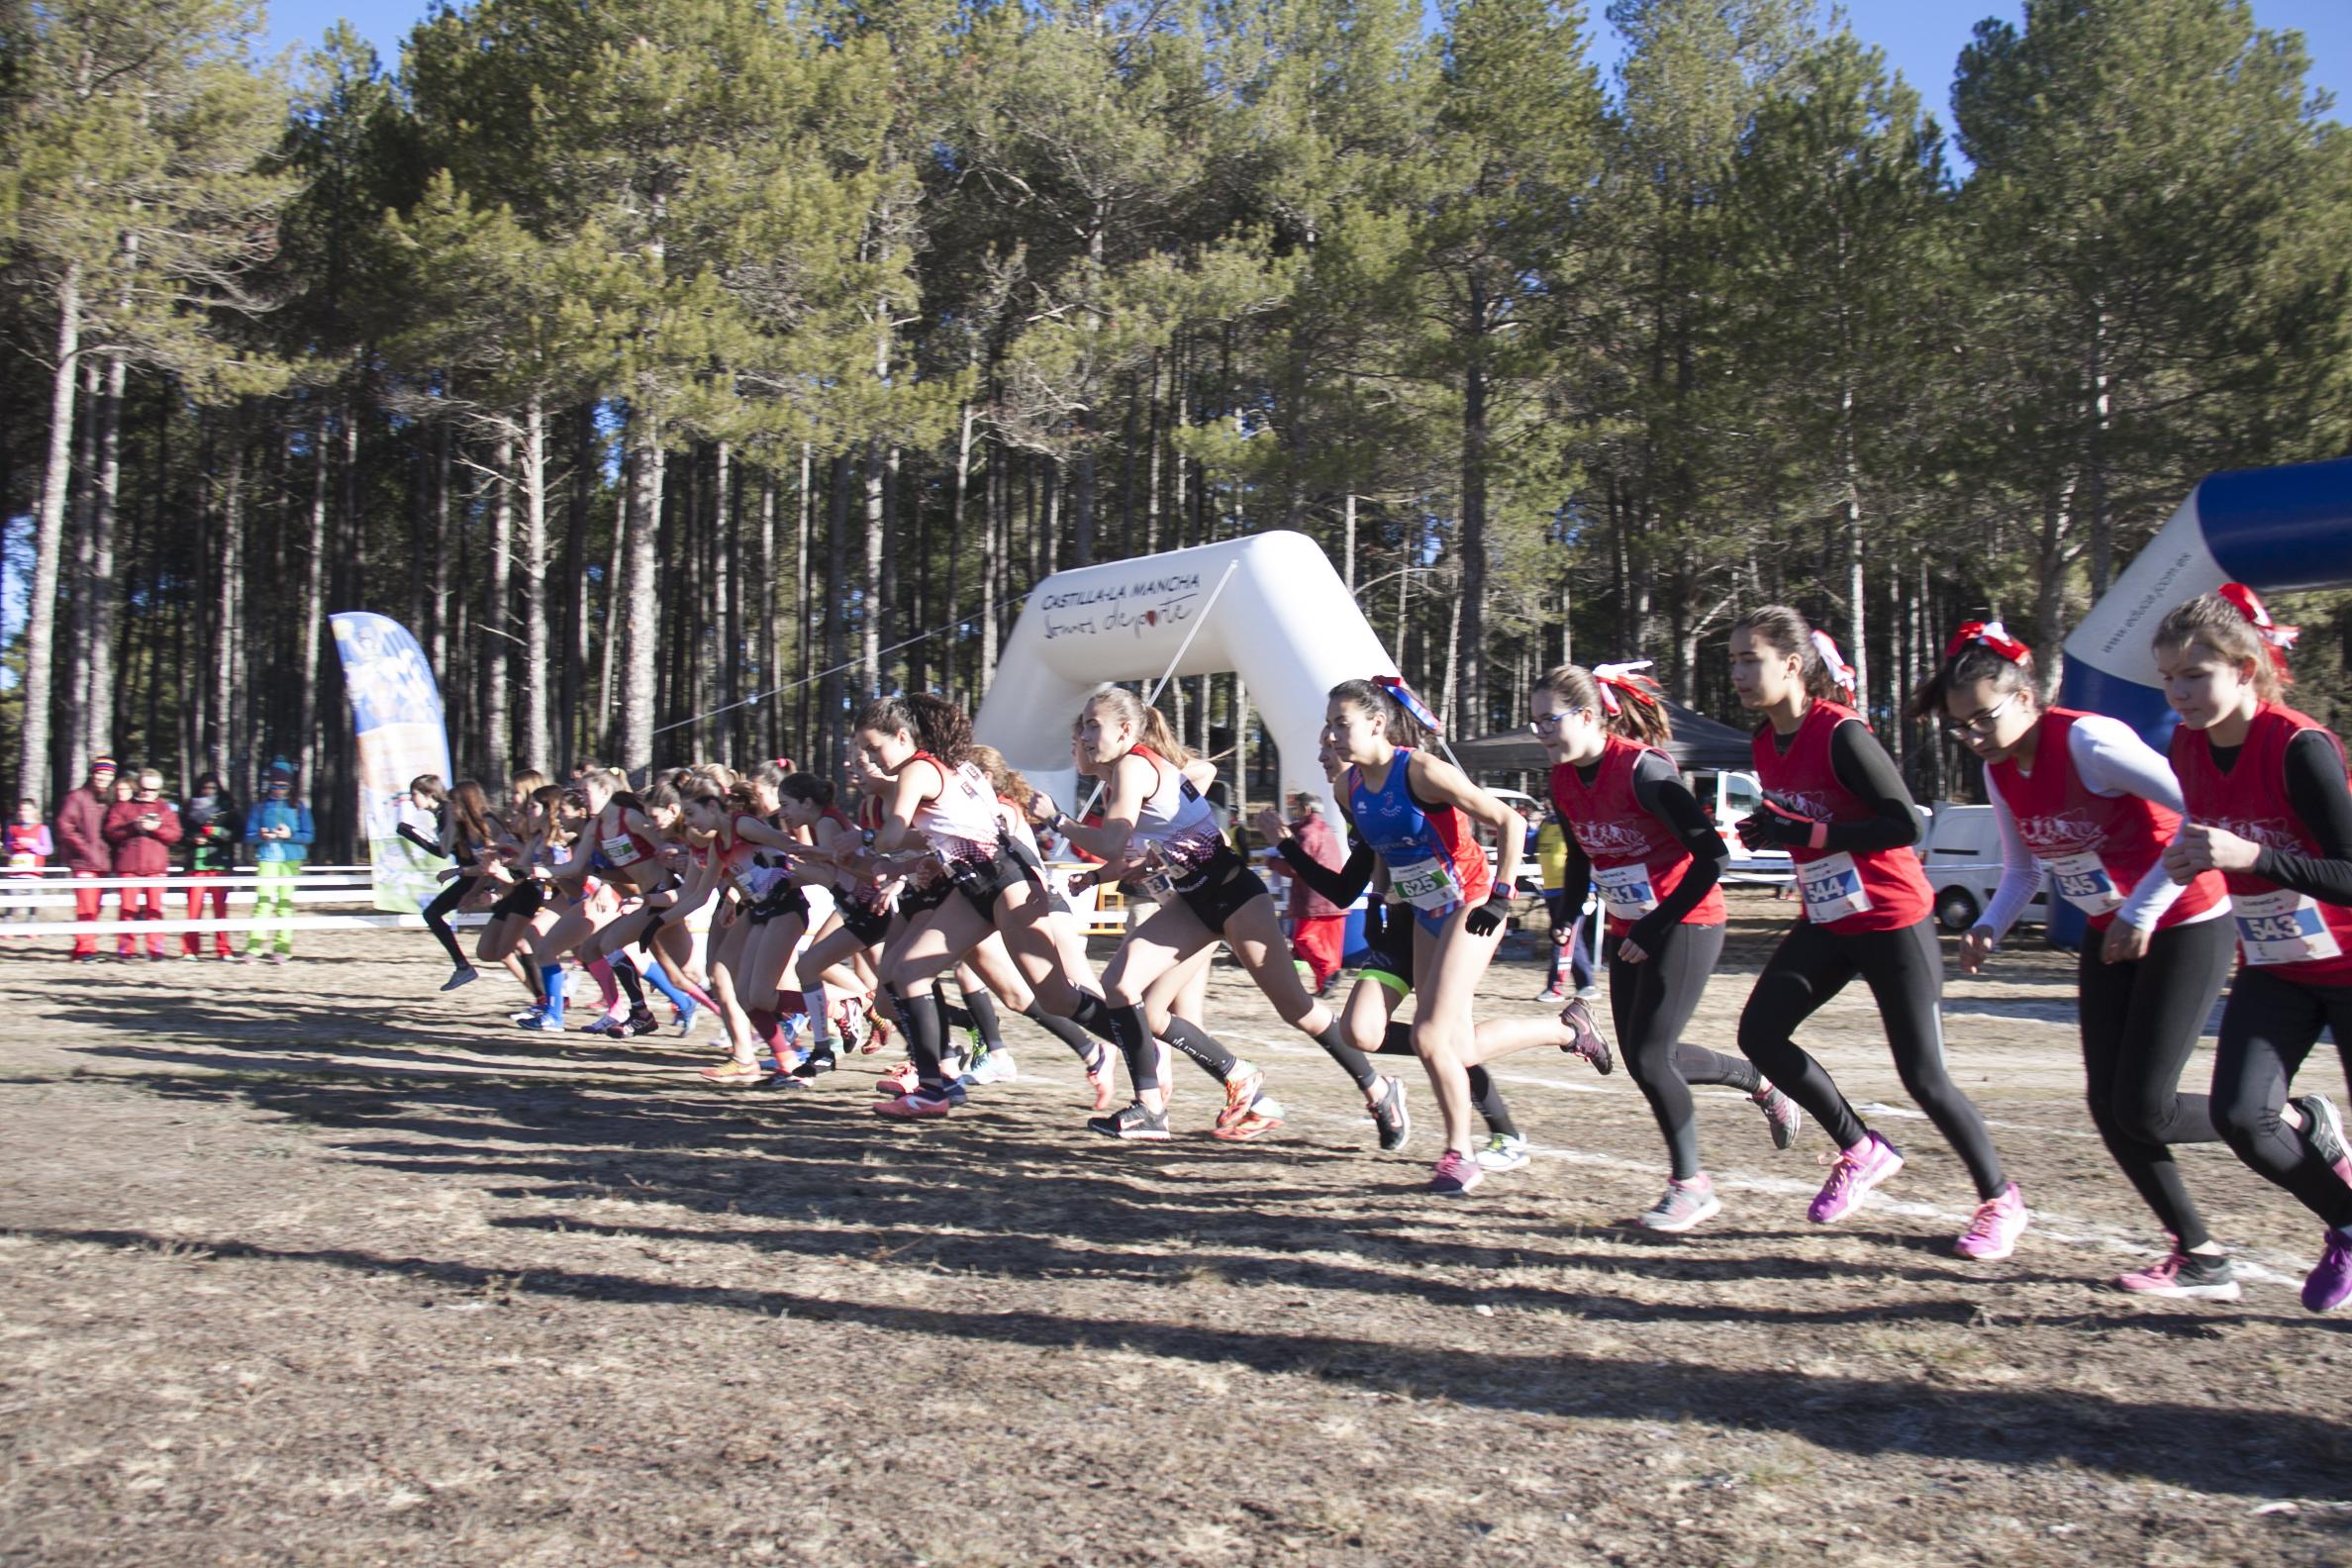 Campeonato Provincial de campo a través  -16 de diciembre de 2017.